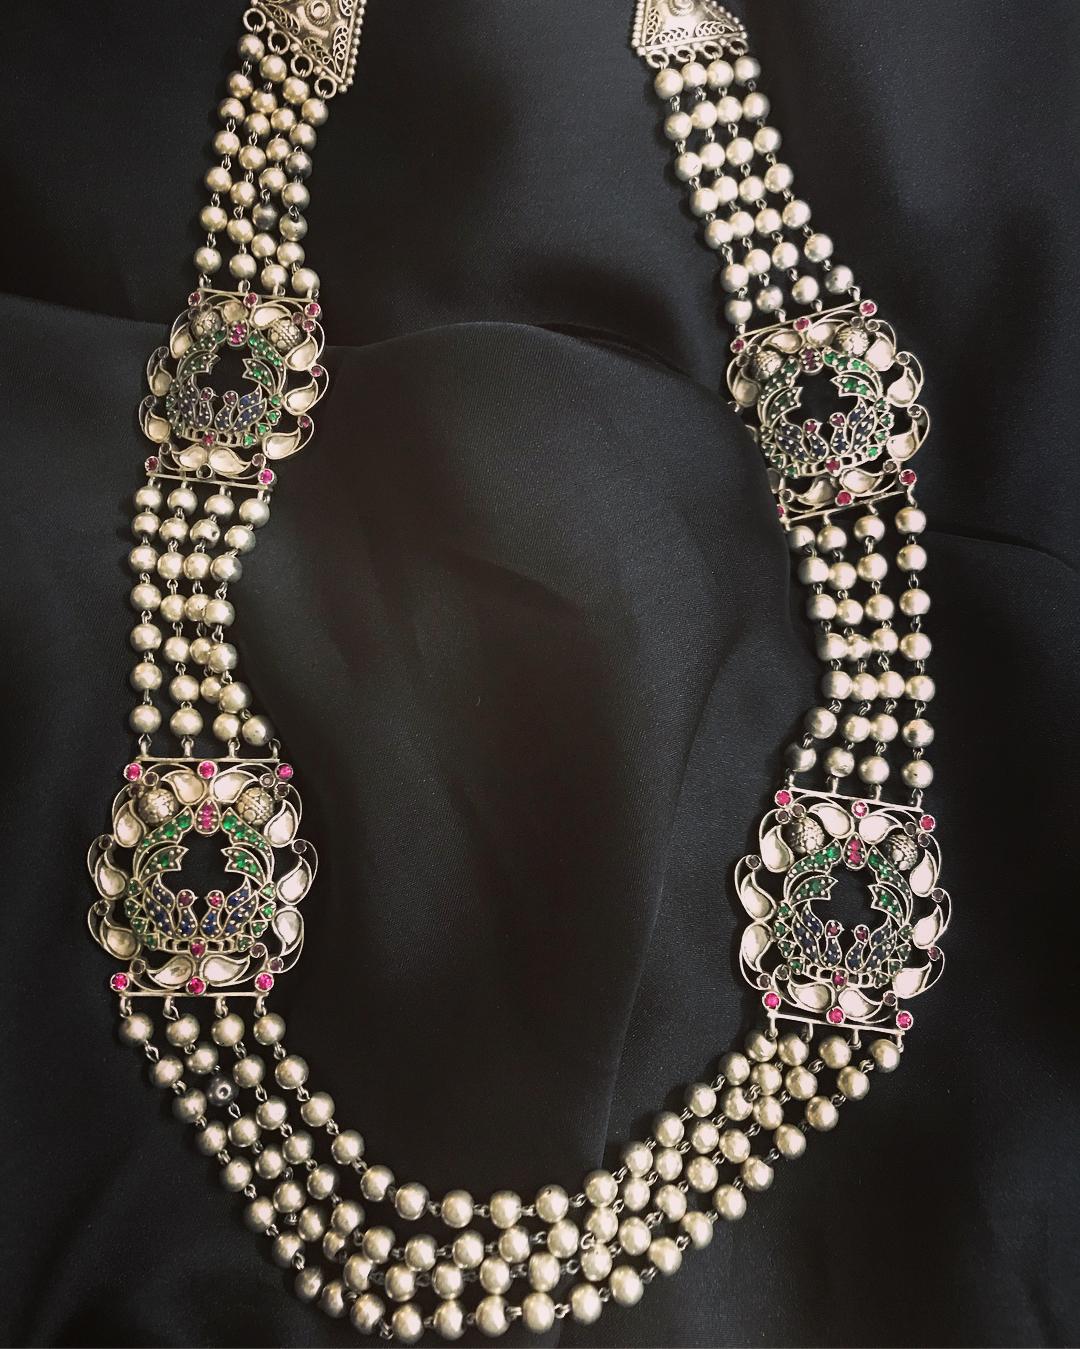 Stylish Kundan Beads Necklace From Rajatmaya